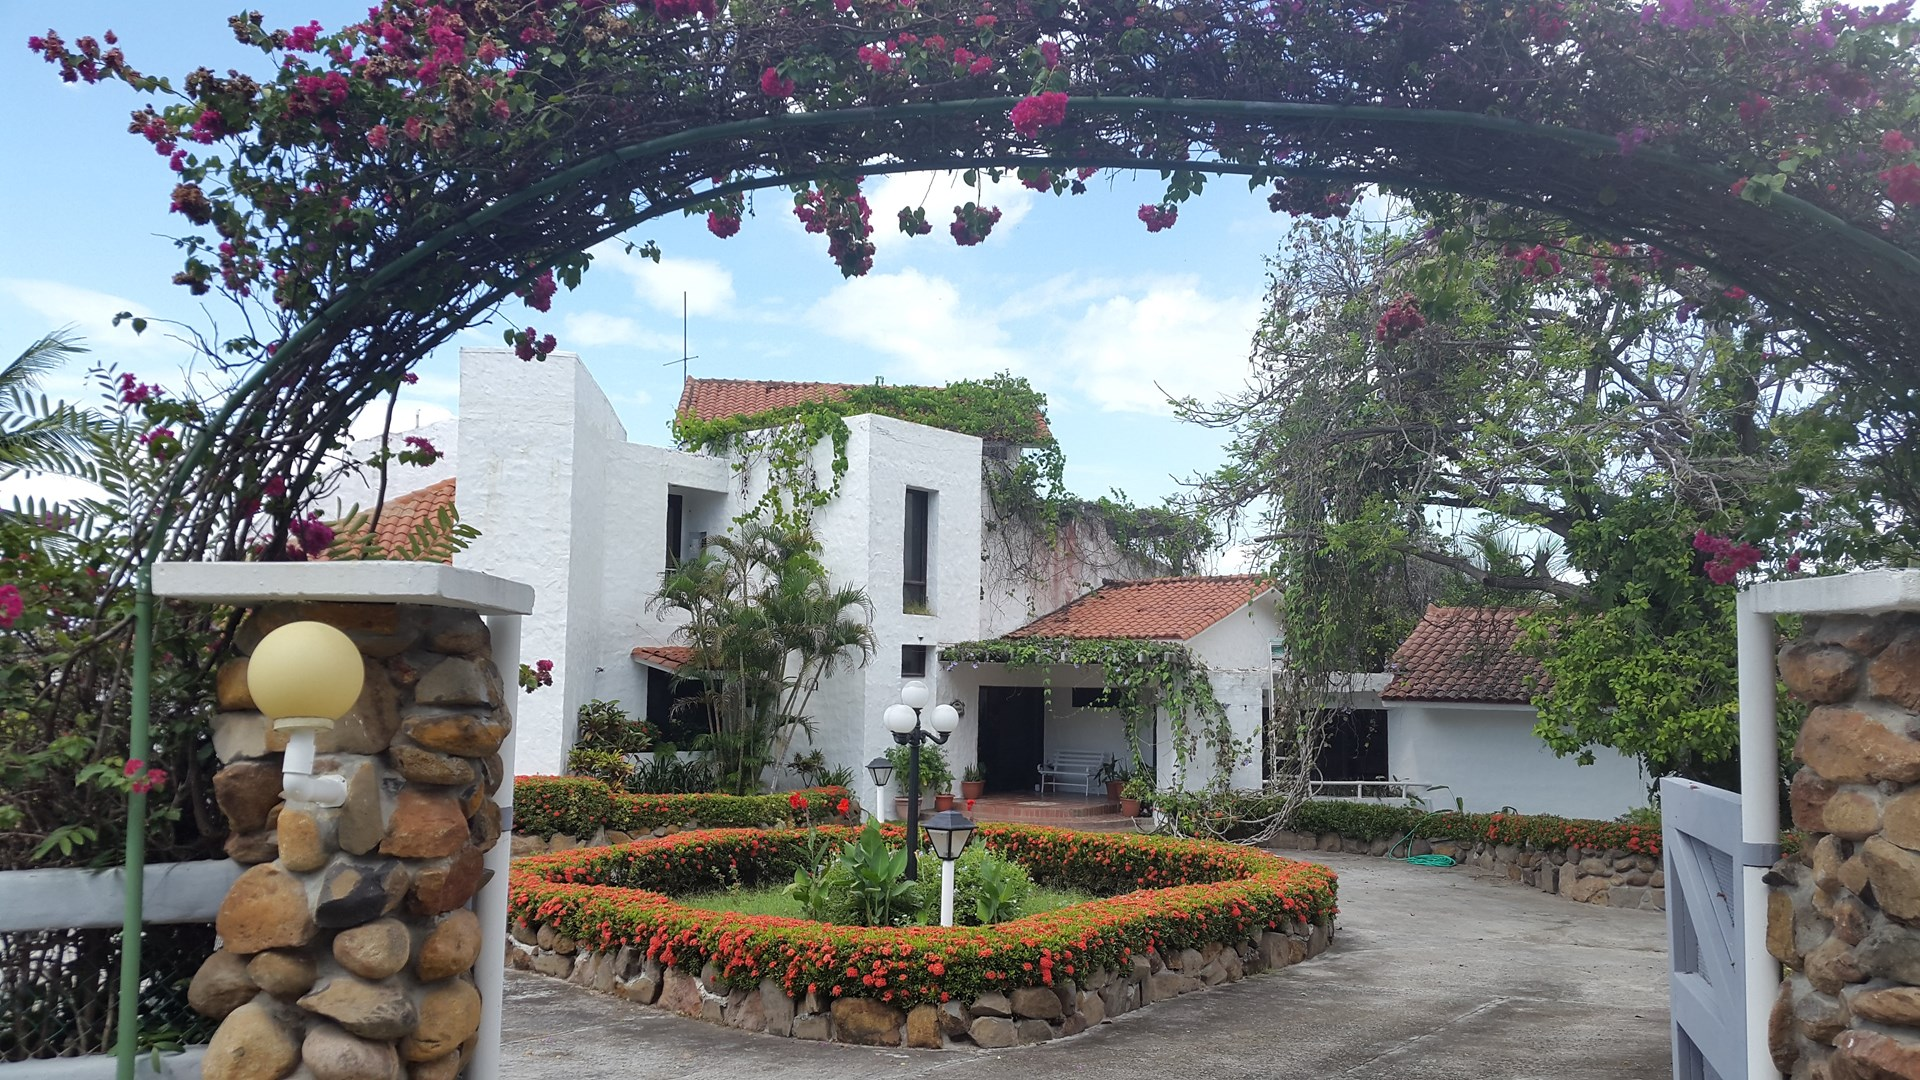 Coronado Homes for sale in Panama Central America